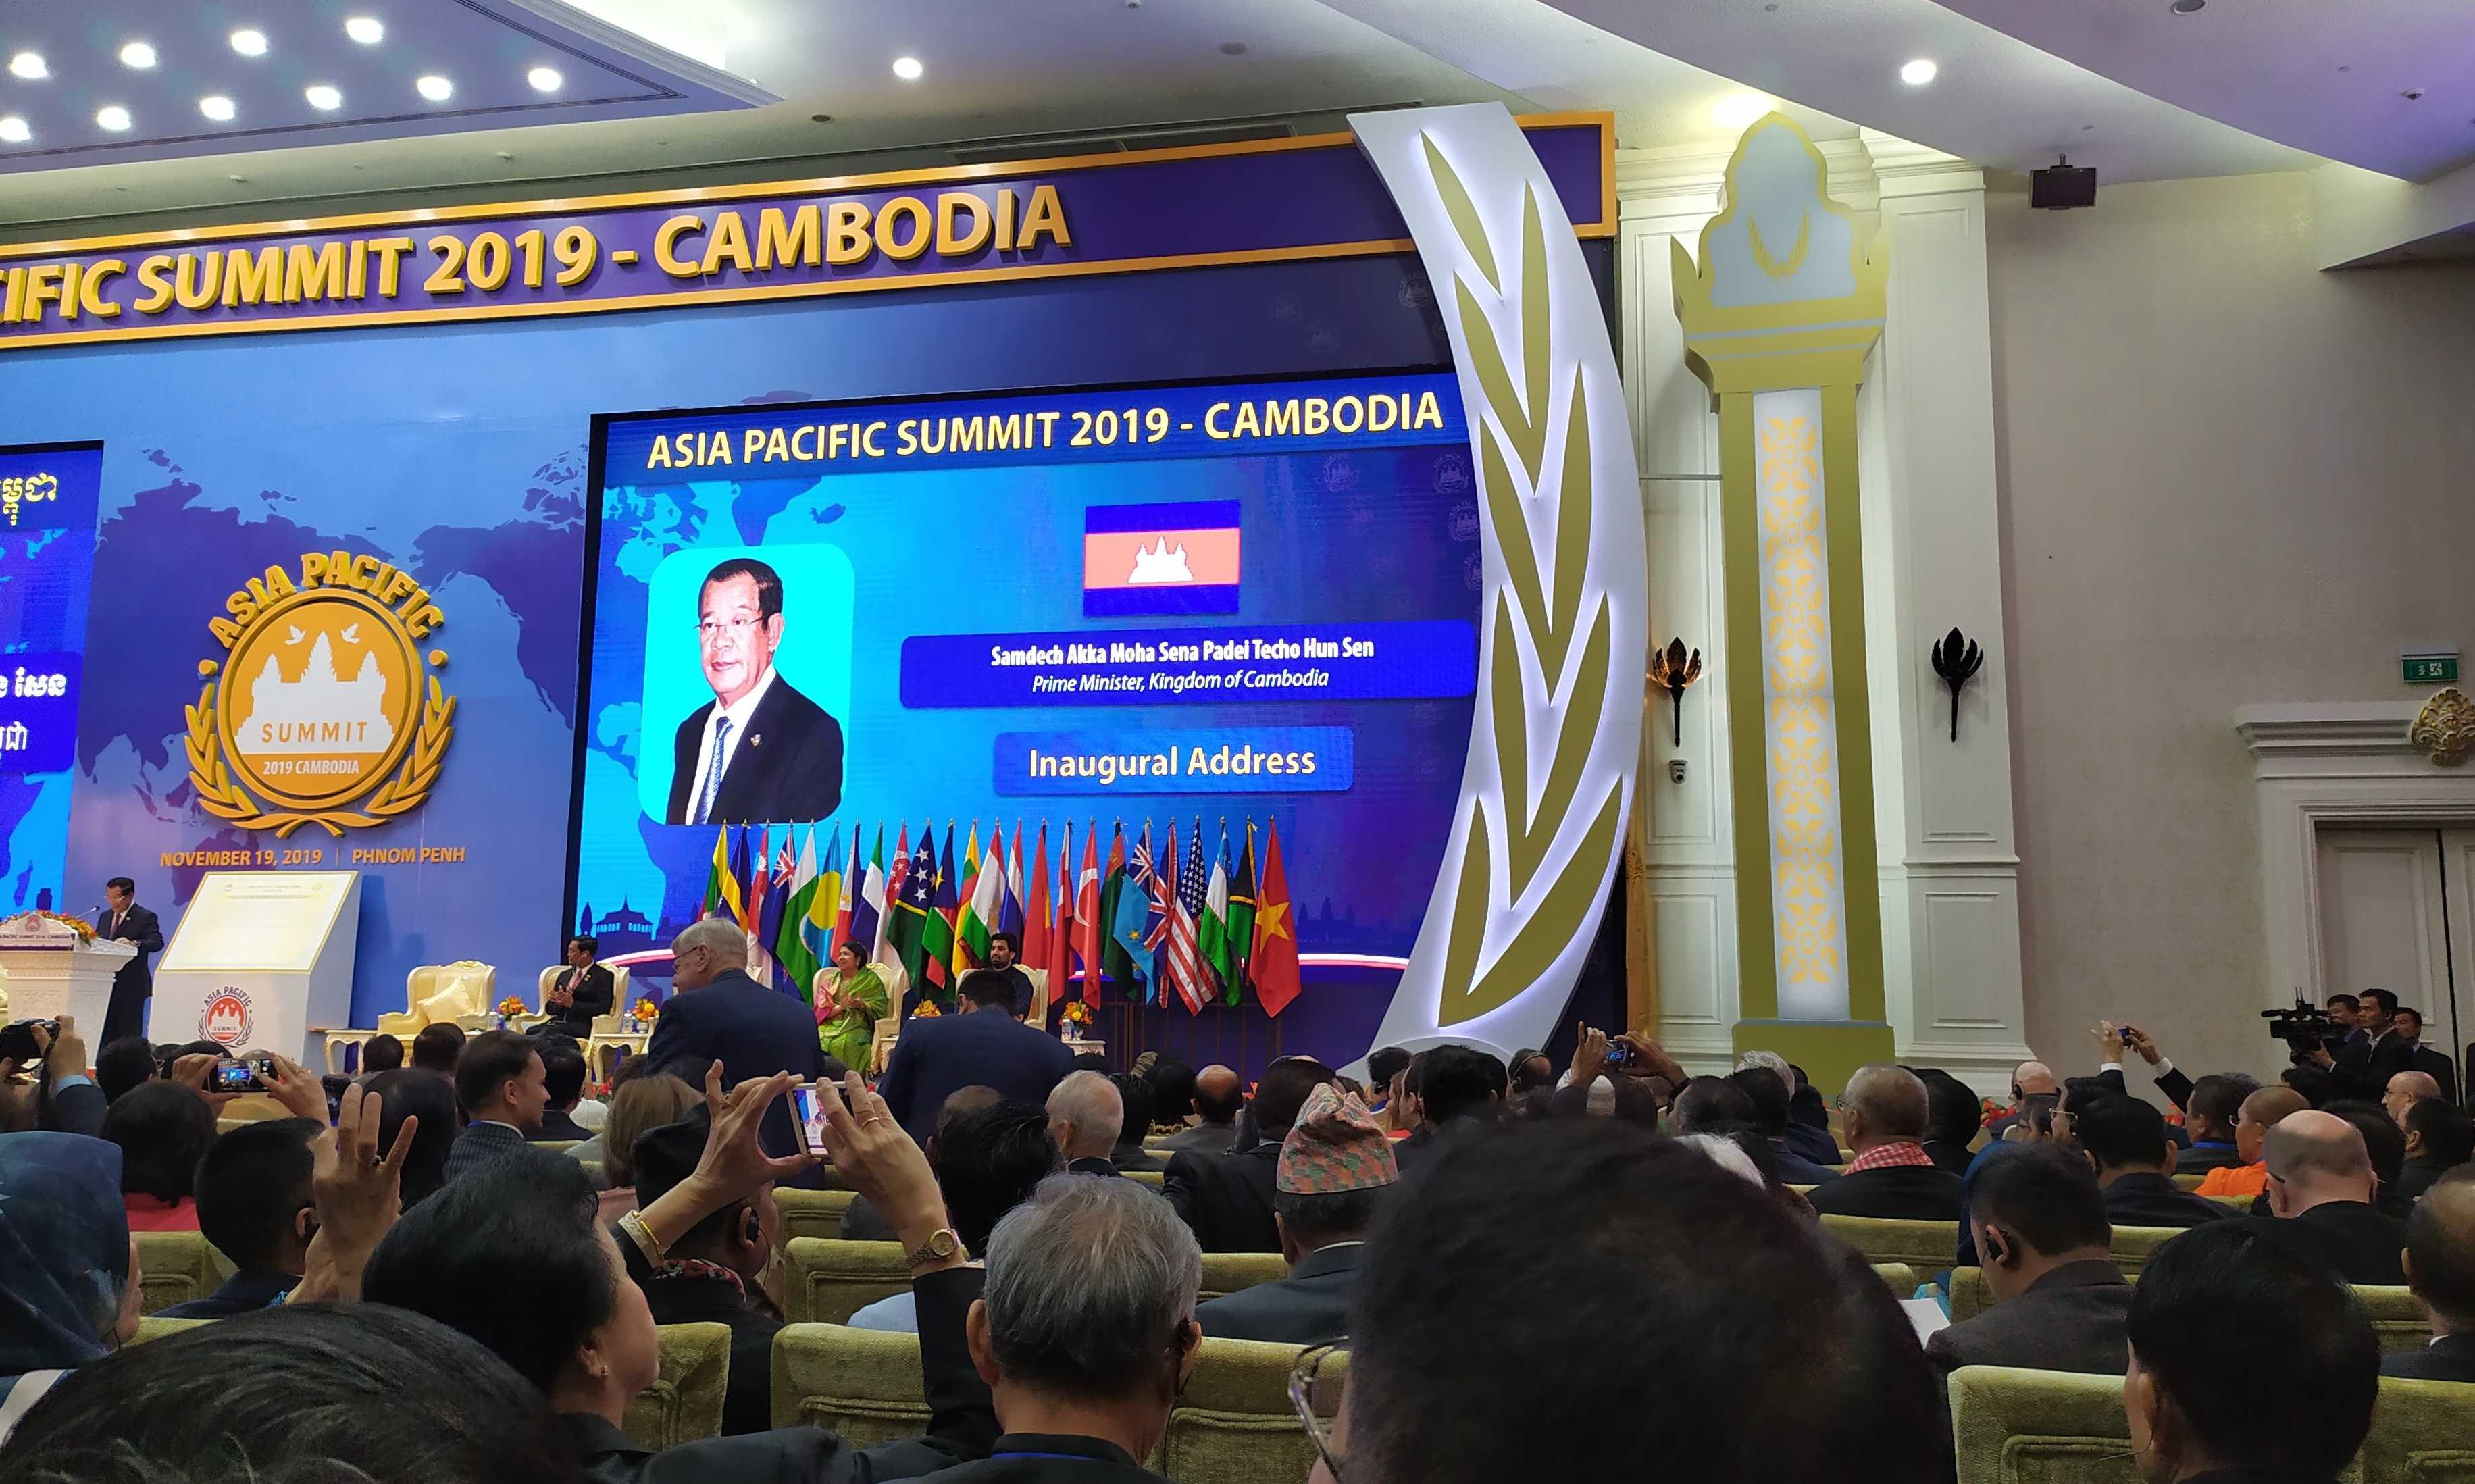 Миссия в тропиках. Делегация из Центральной Азии приняла участие в саммите Азиатско-Тихоокеанского региона-2019 в далекой Камбодже